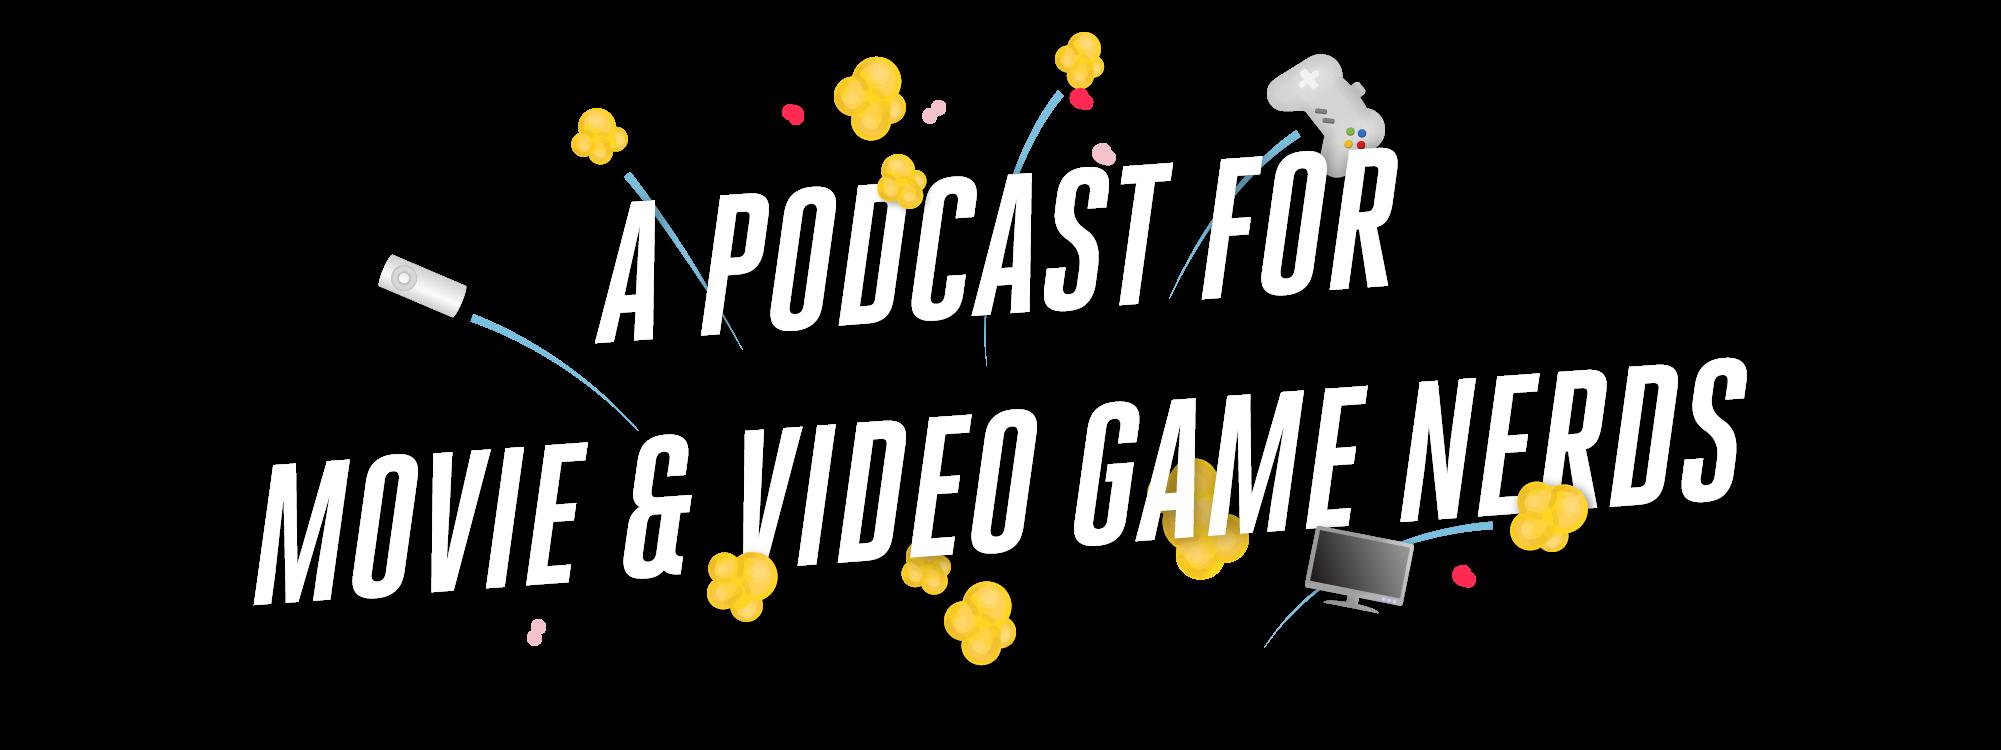 Popcorn & Nerds Podcast copy 2.png